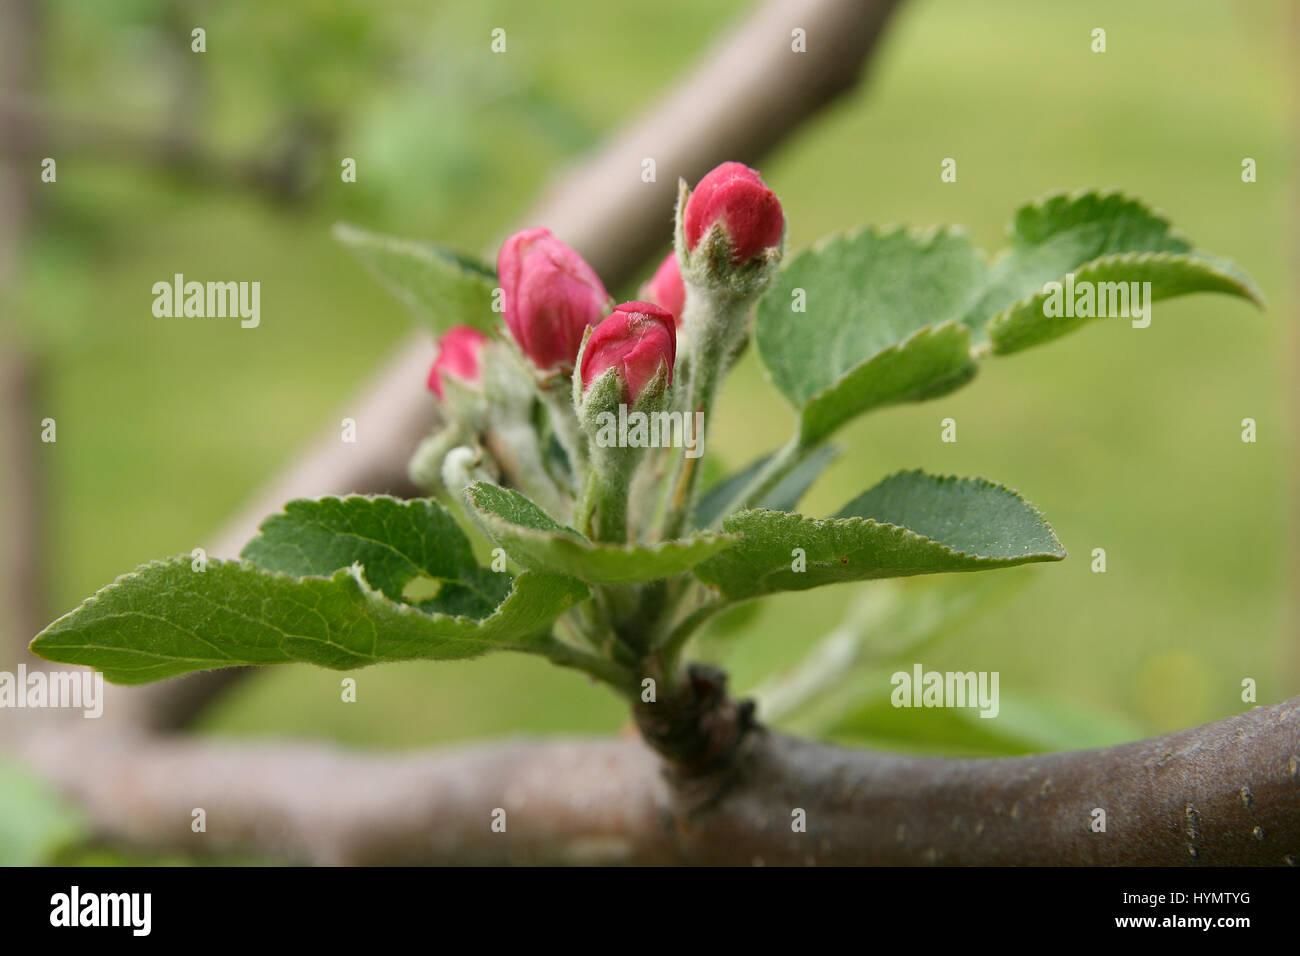 Bourgeons de pommier qui fleurit pendant la saison du printemps Photo Stock